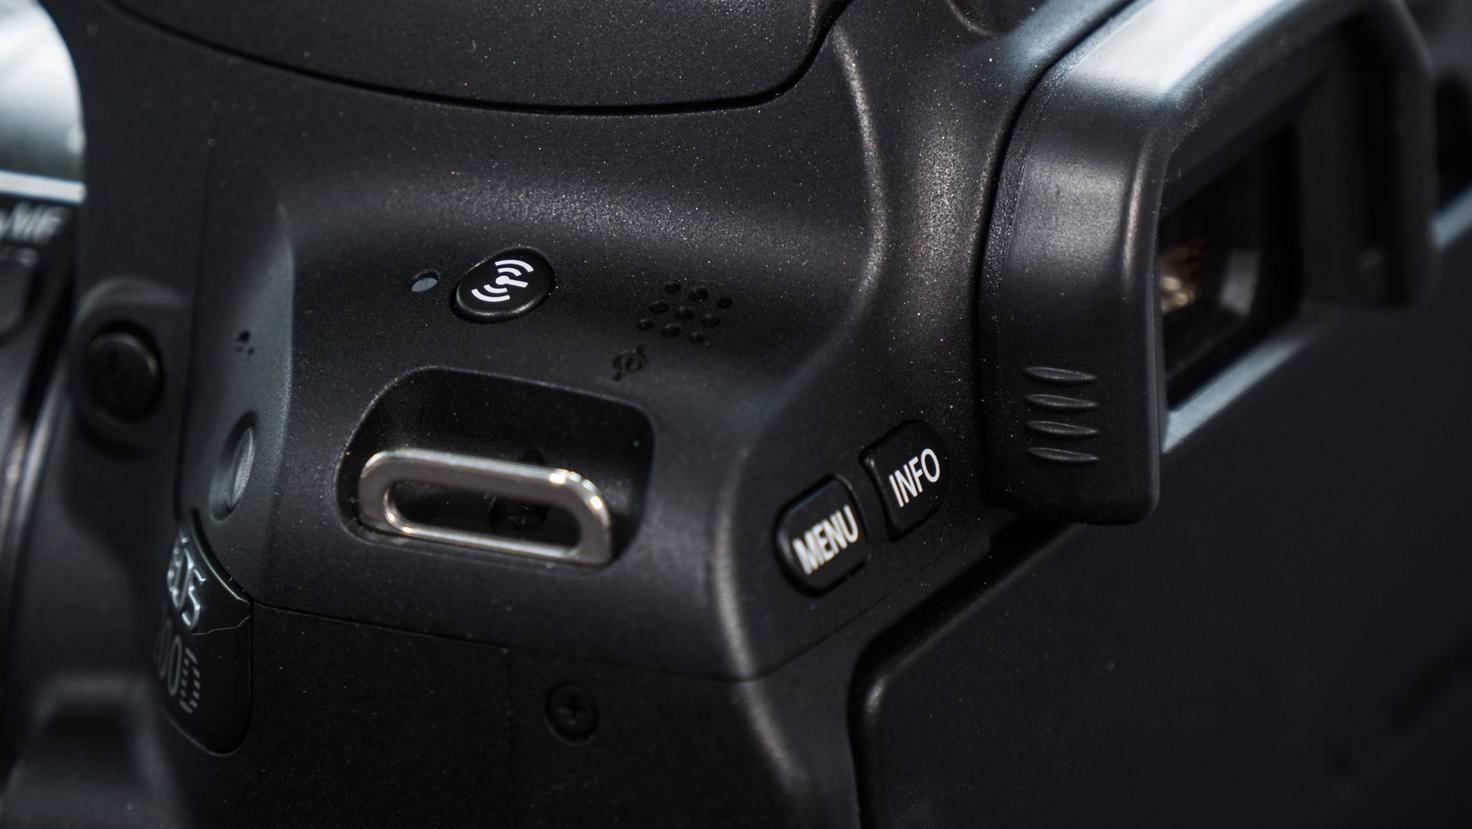 Beim Drücken auf den WLAN-Knopf macht die Kamera ein eigenes Netzwerk auf, mit dem sich Smartphones verbinden können.